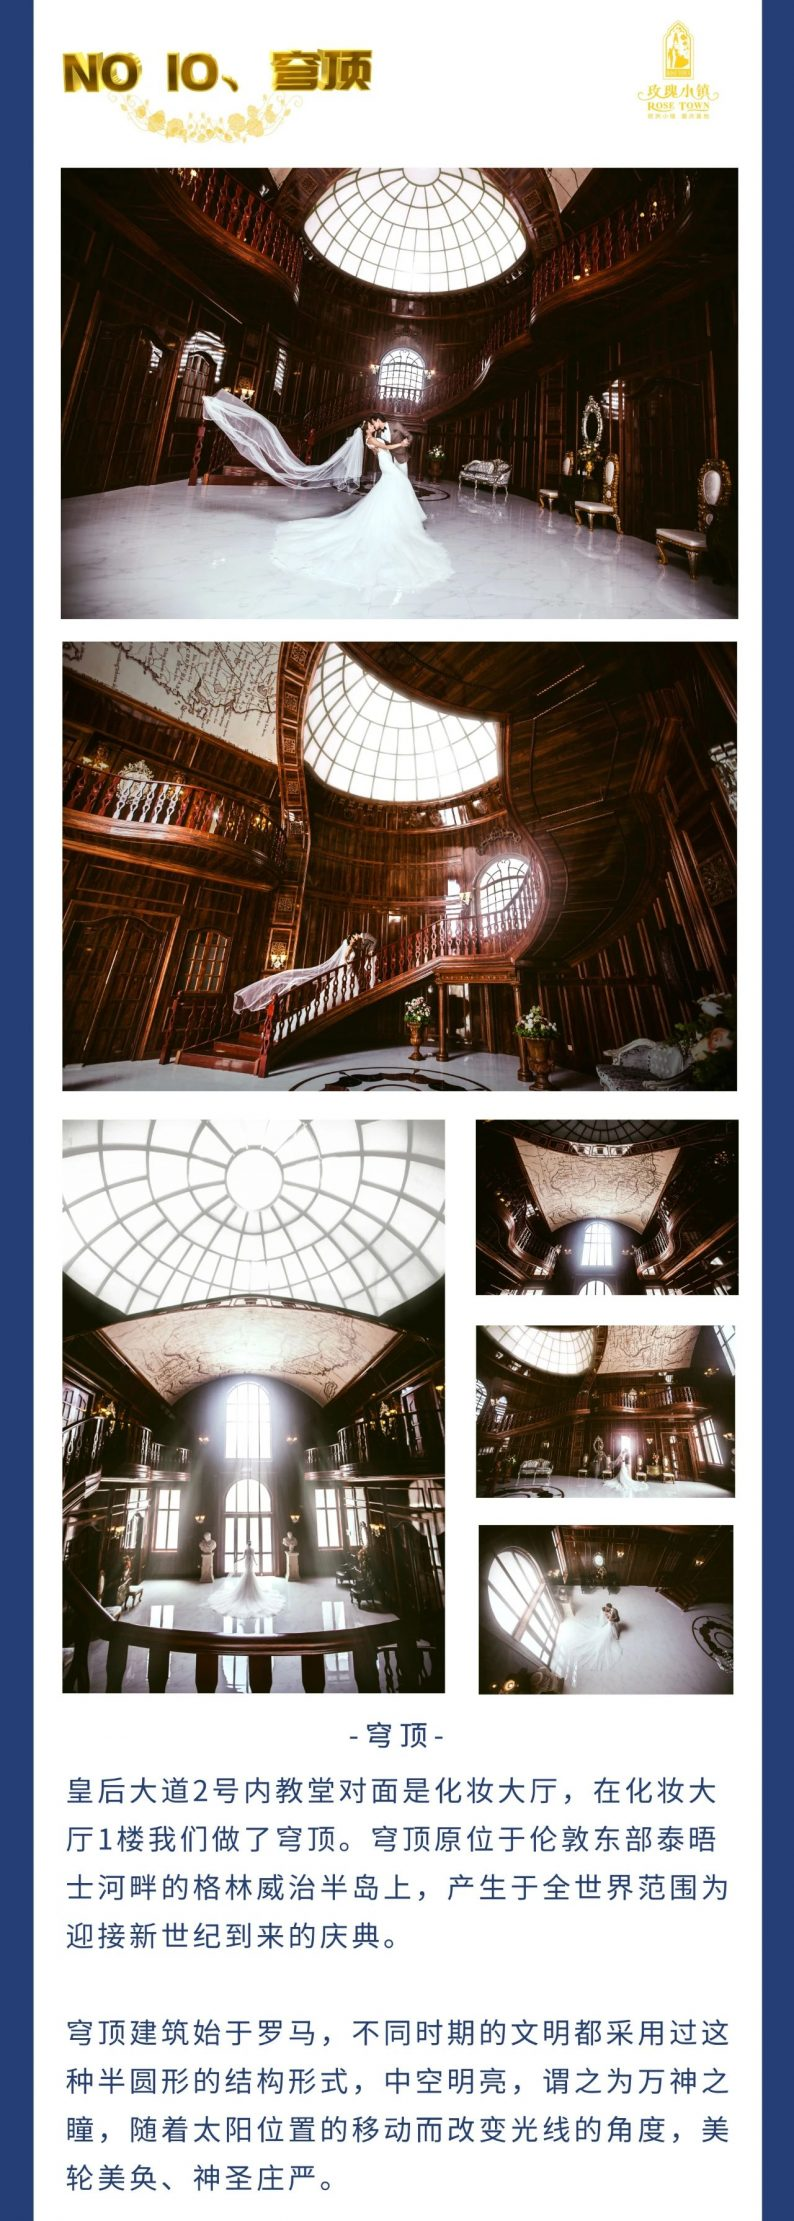 玫瑰小镇基地:总面积12万平米,打造数十种主题场景  第12张